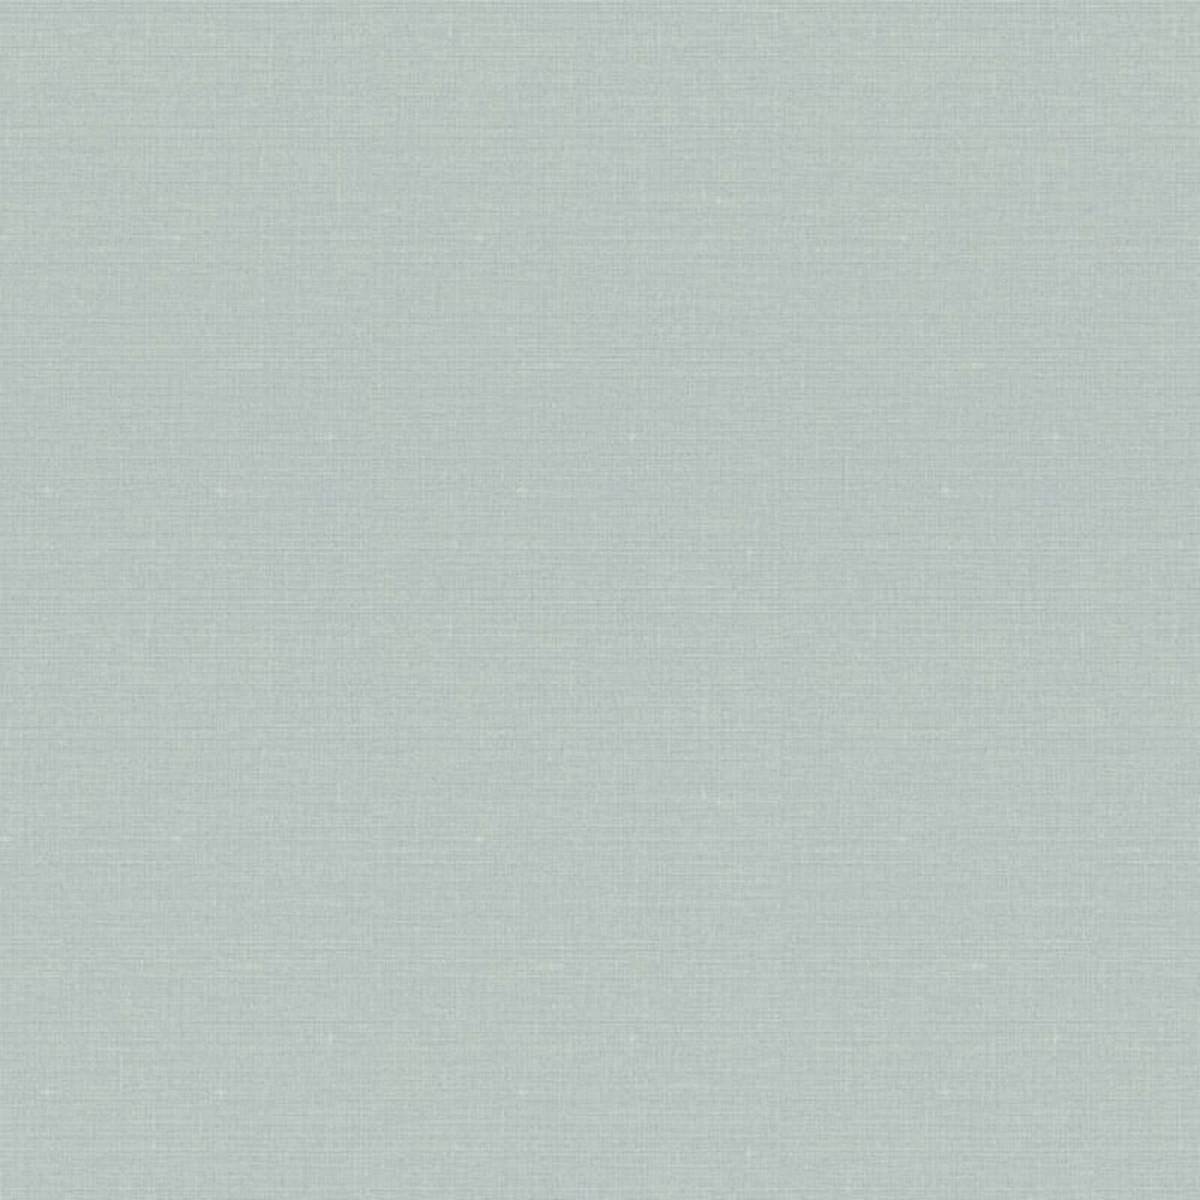 Обои флизелиновые Rasch Lazy Sunday II бирюзовые 0.53 м 401882